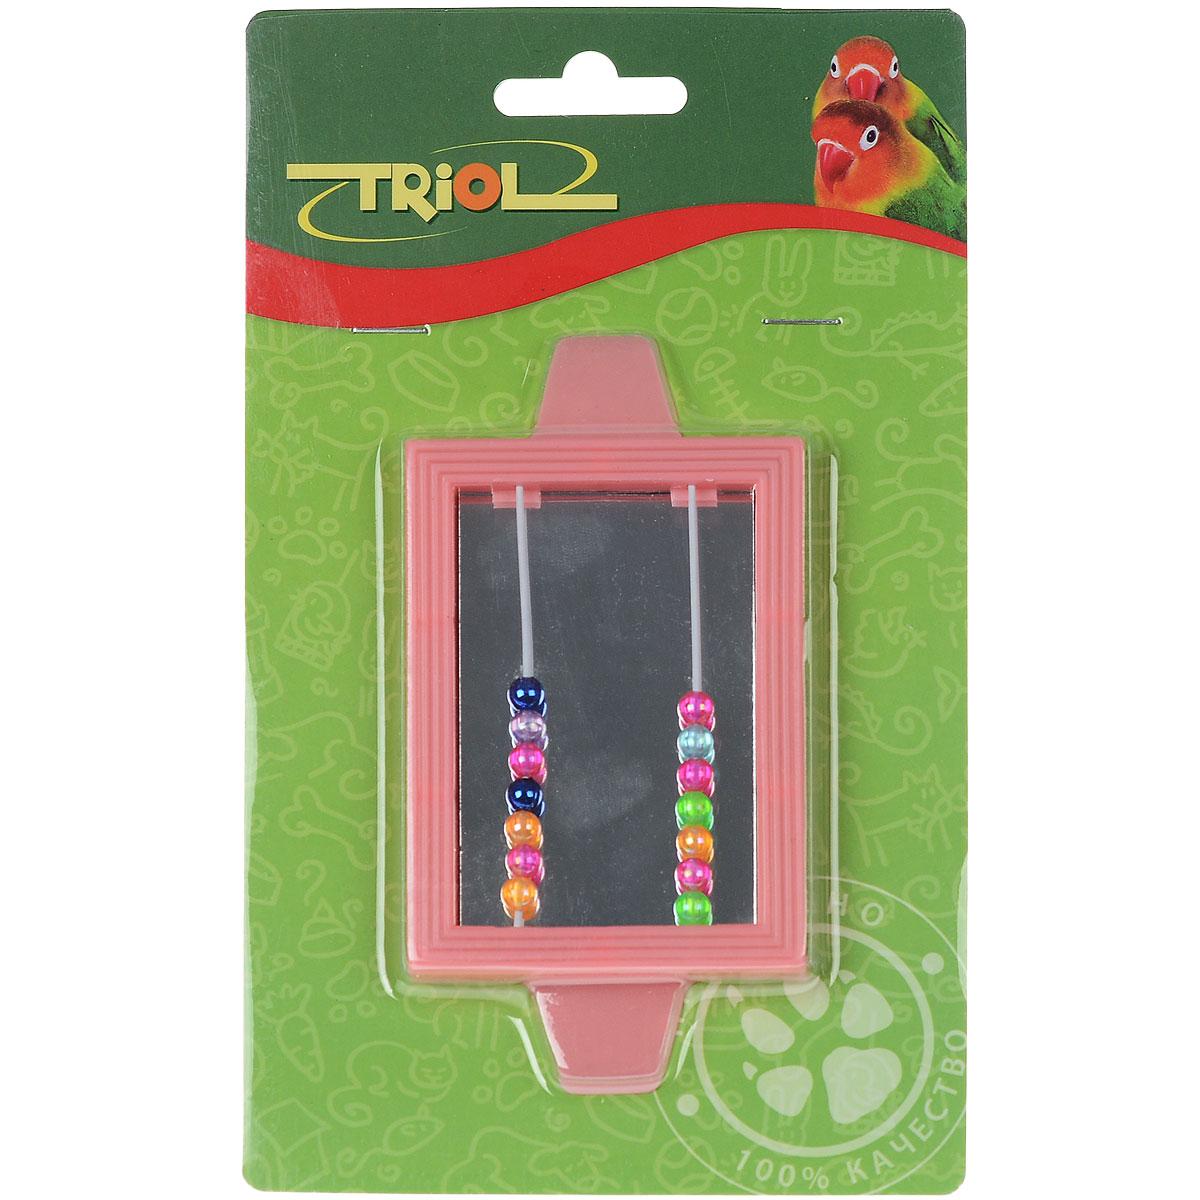 Игрушка для птиц Triol Зеркало с бусинками, цвет: розовый игрушка для птиц ferplast зеркало колокольчик